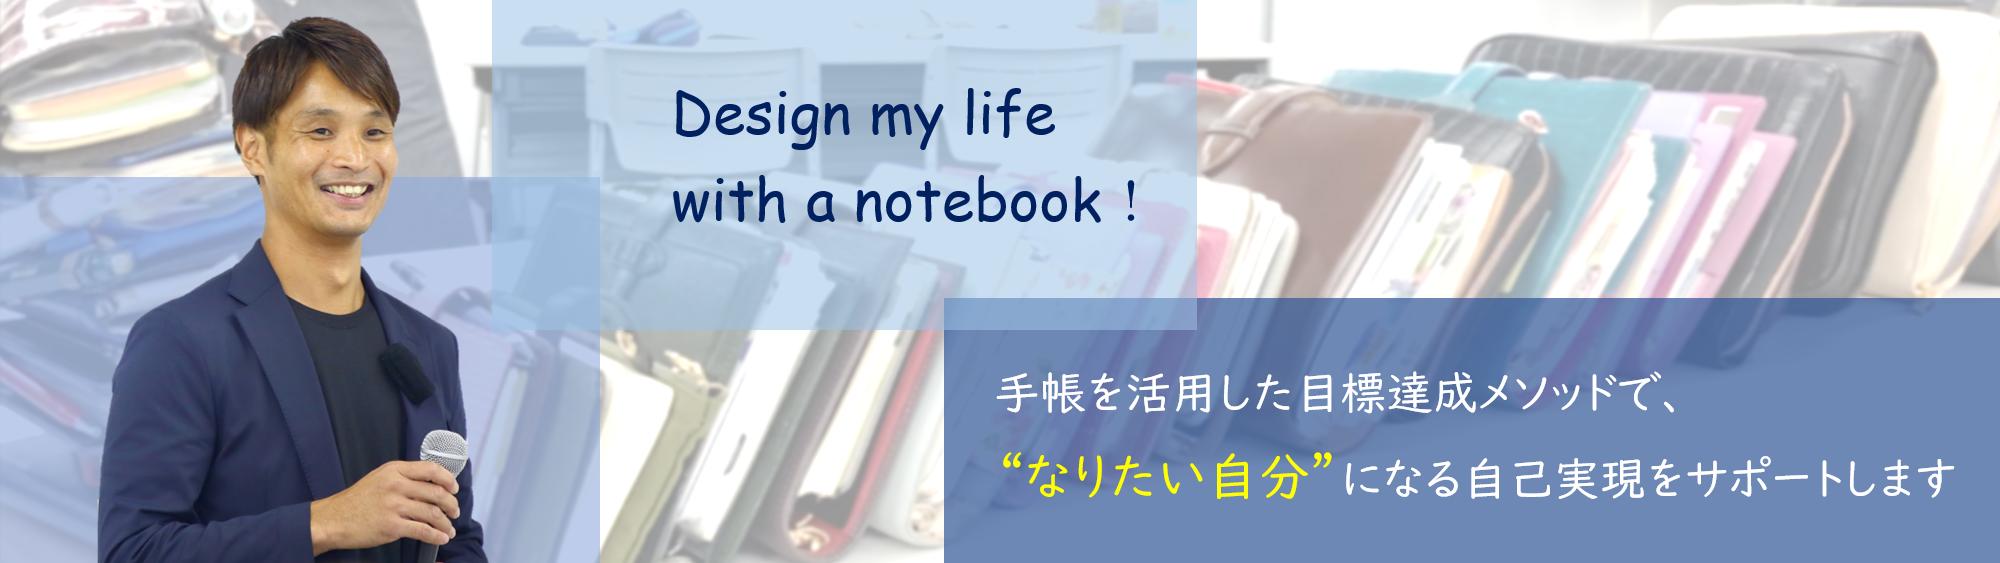 手帳で夢をビジュアル化する「コラージュ手帳」のワークショップを開催しました | 手帳ライフコーチ高田晃 公式ブログ